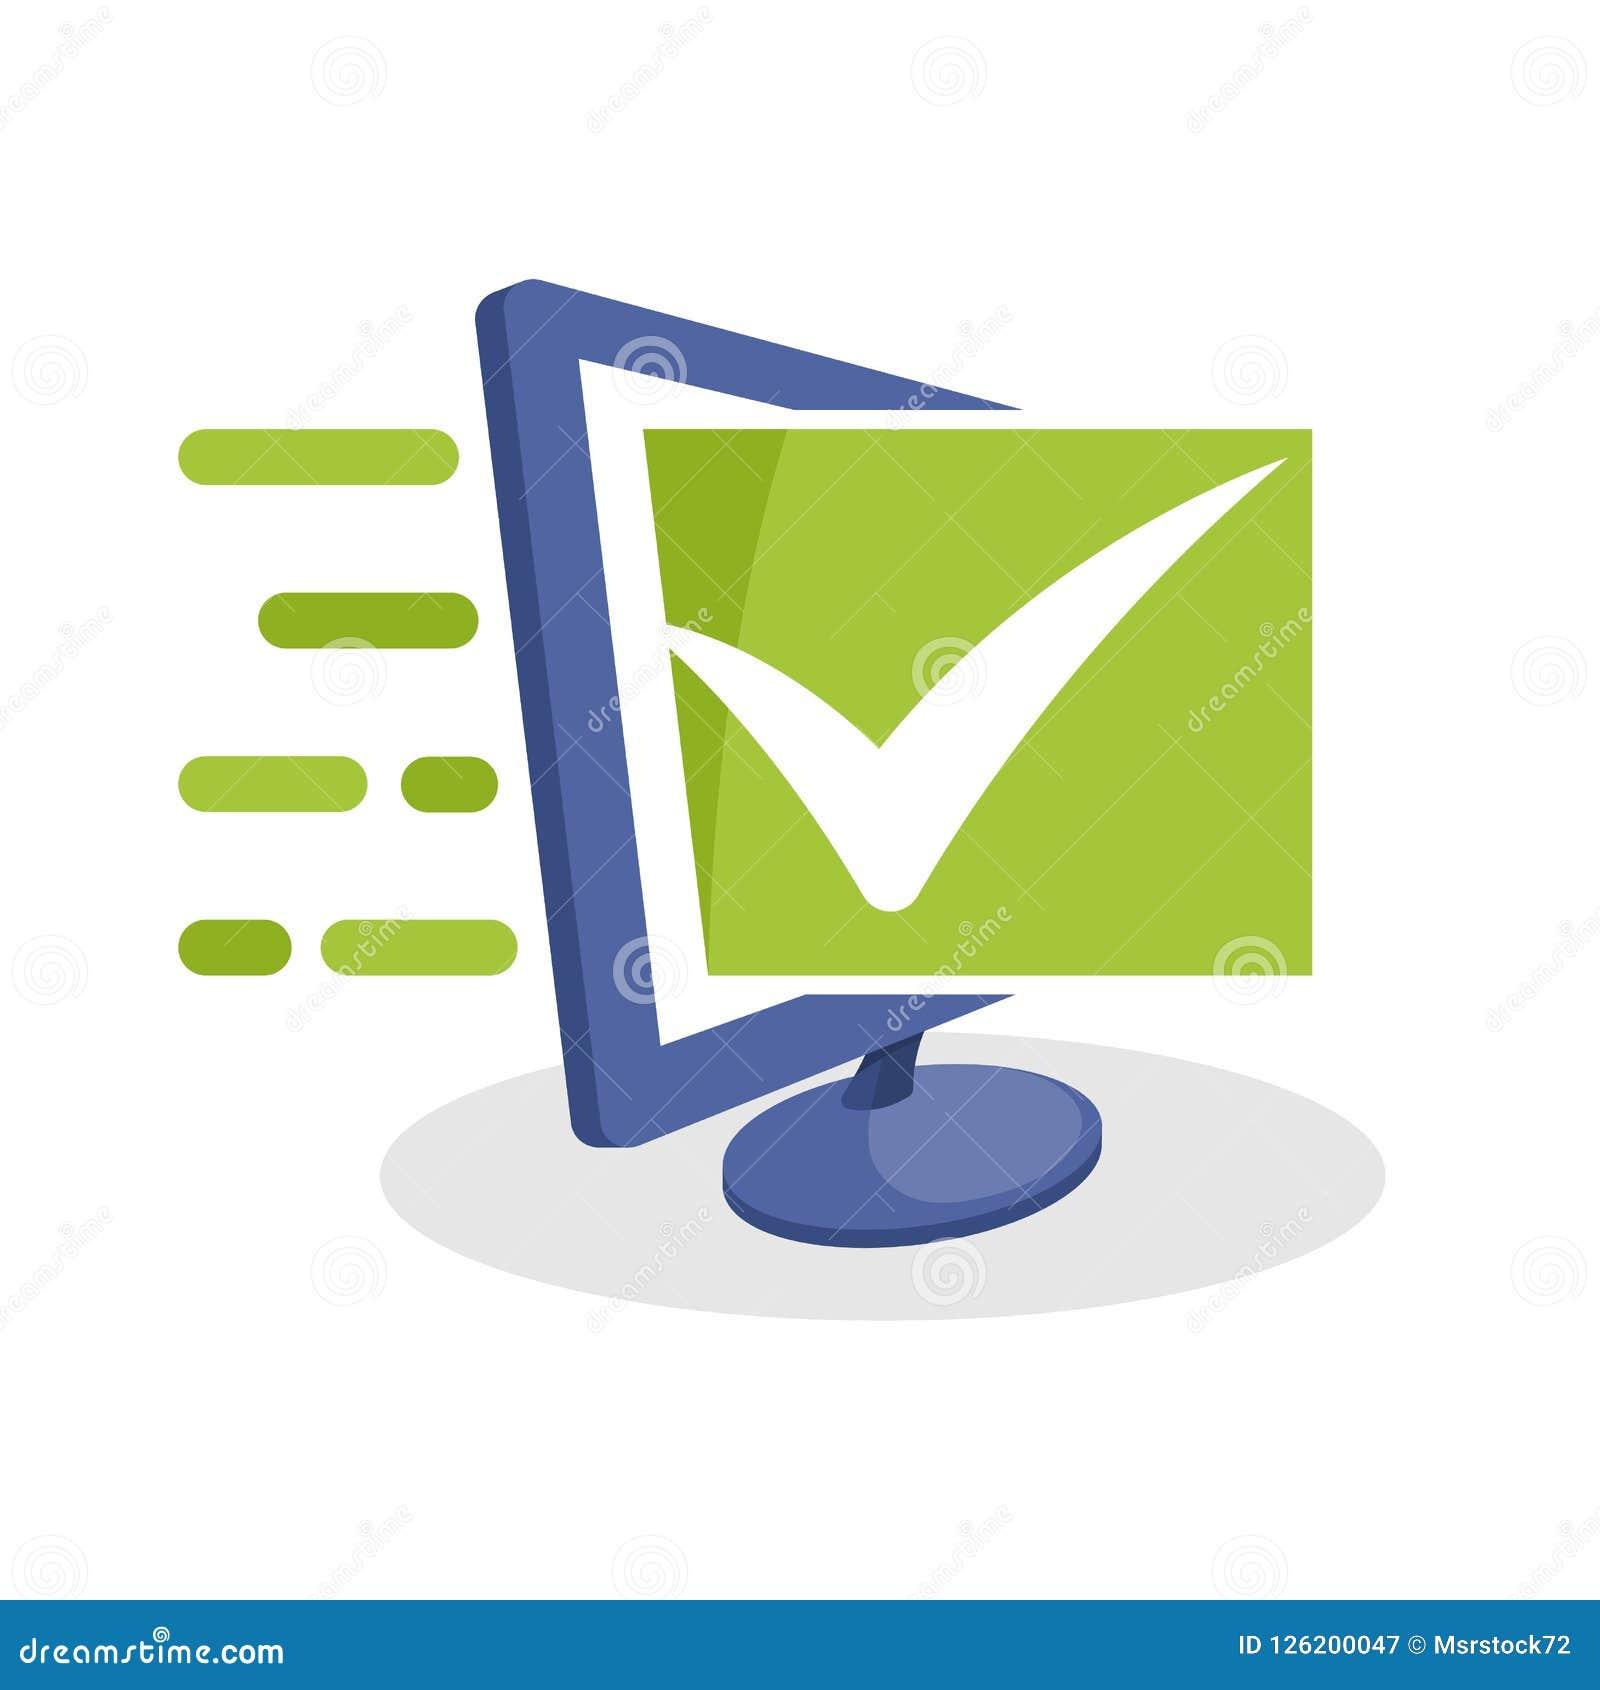 Vector el ejemplo del icono con medios conceptos digitales sobre la verificación en línea, comentario en línea, encuesta en línea